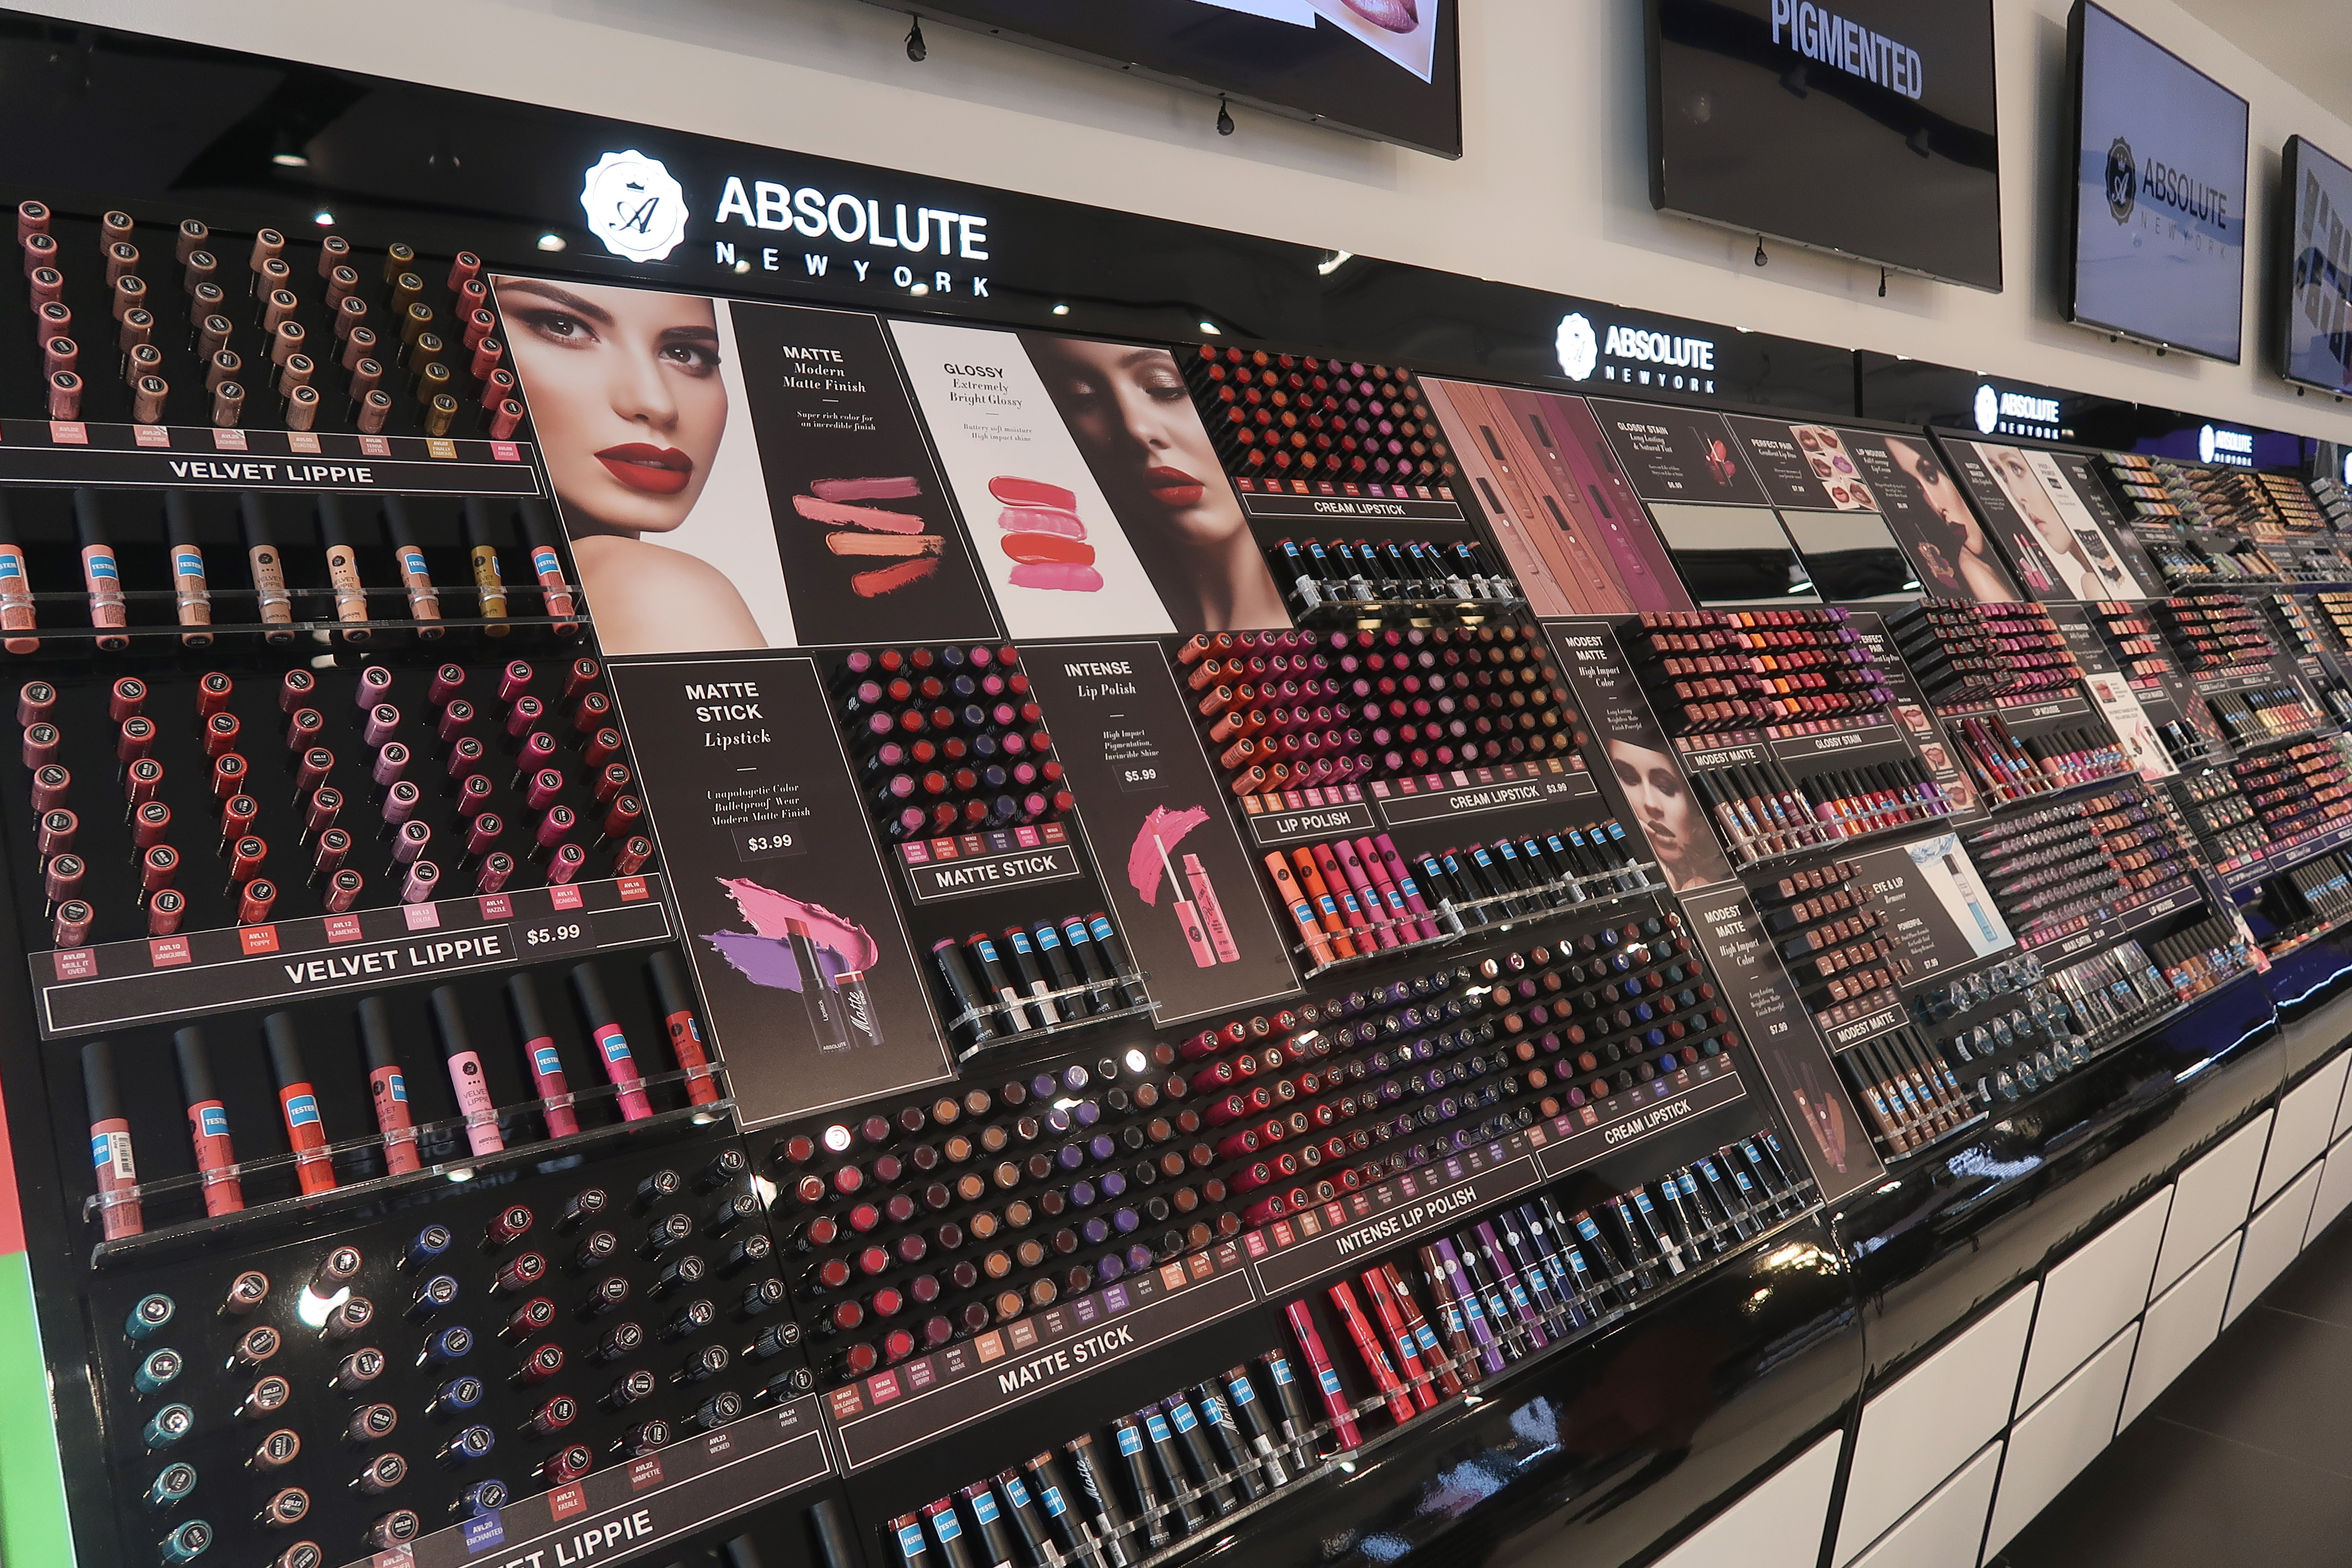 Maquiagem barata em Nova York  a loja da Absolute New York f10e3b2da6e